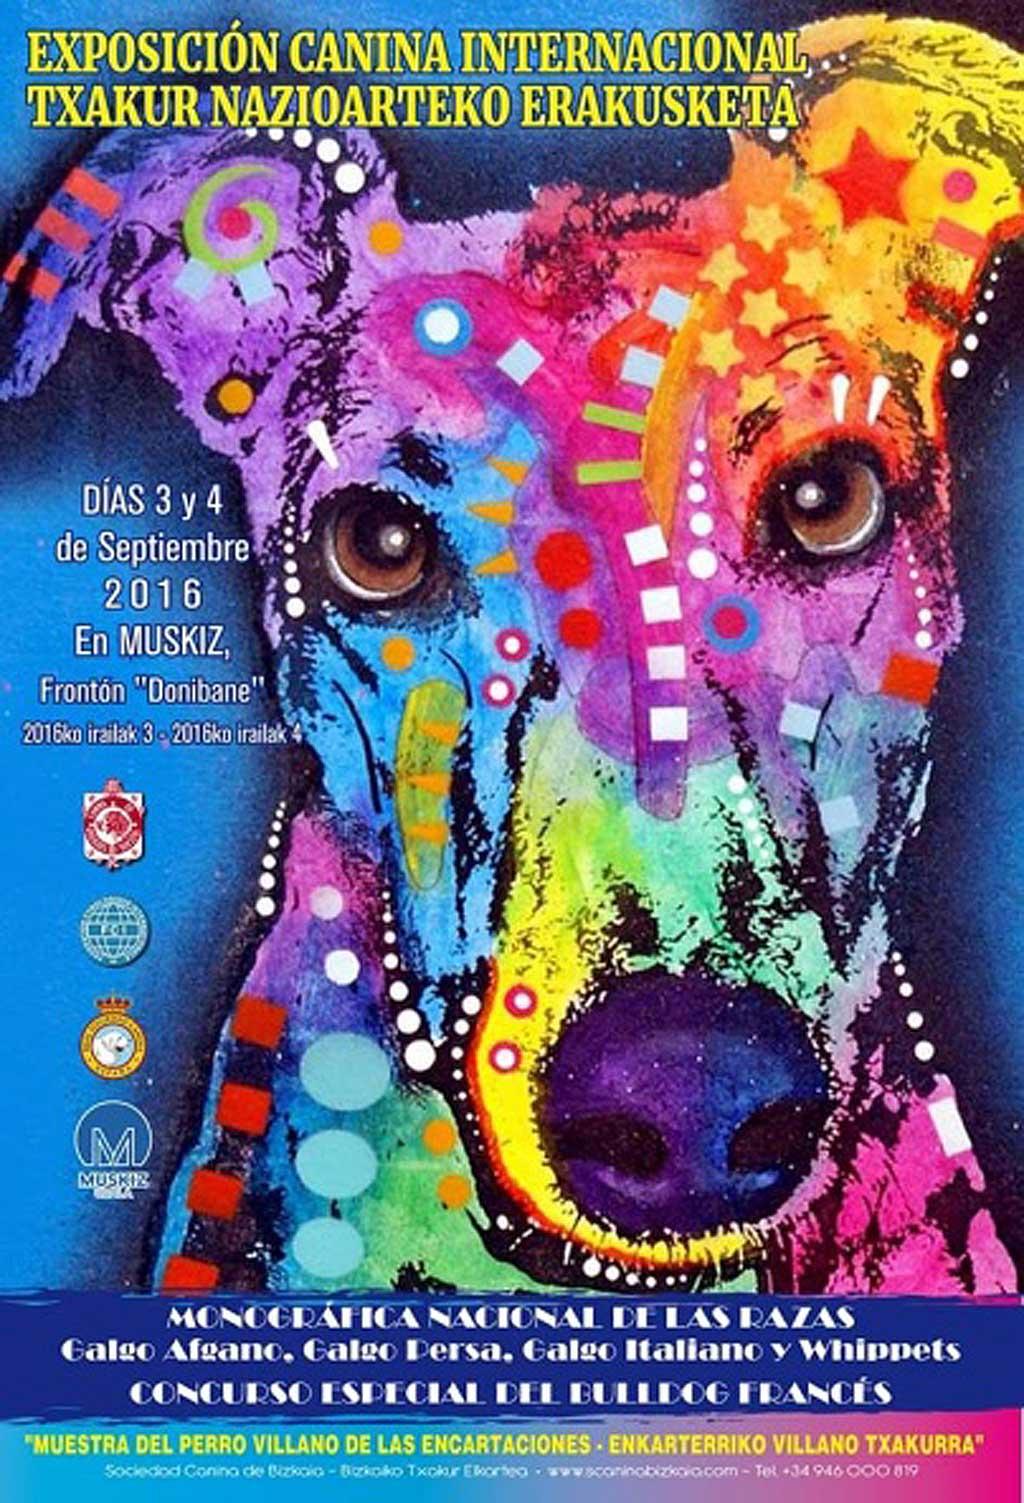 Bilbao acoge este fin de semana varias exposiciones caninas